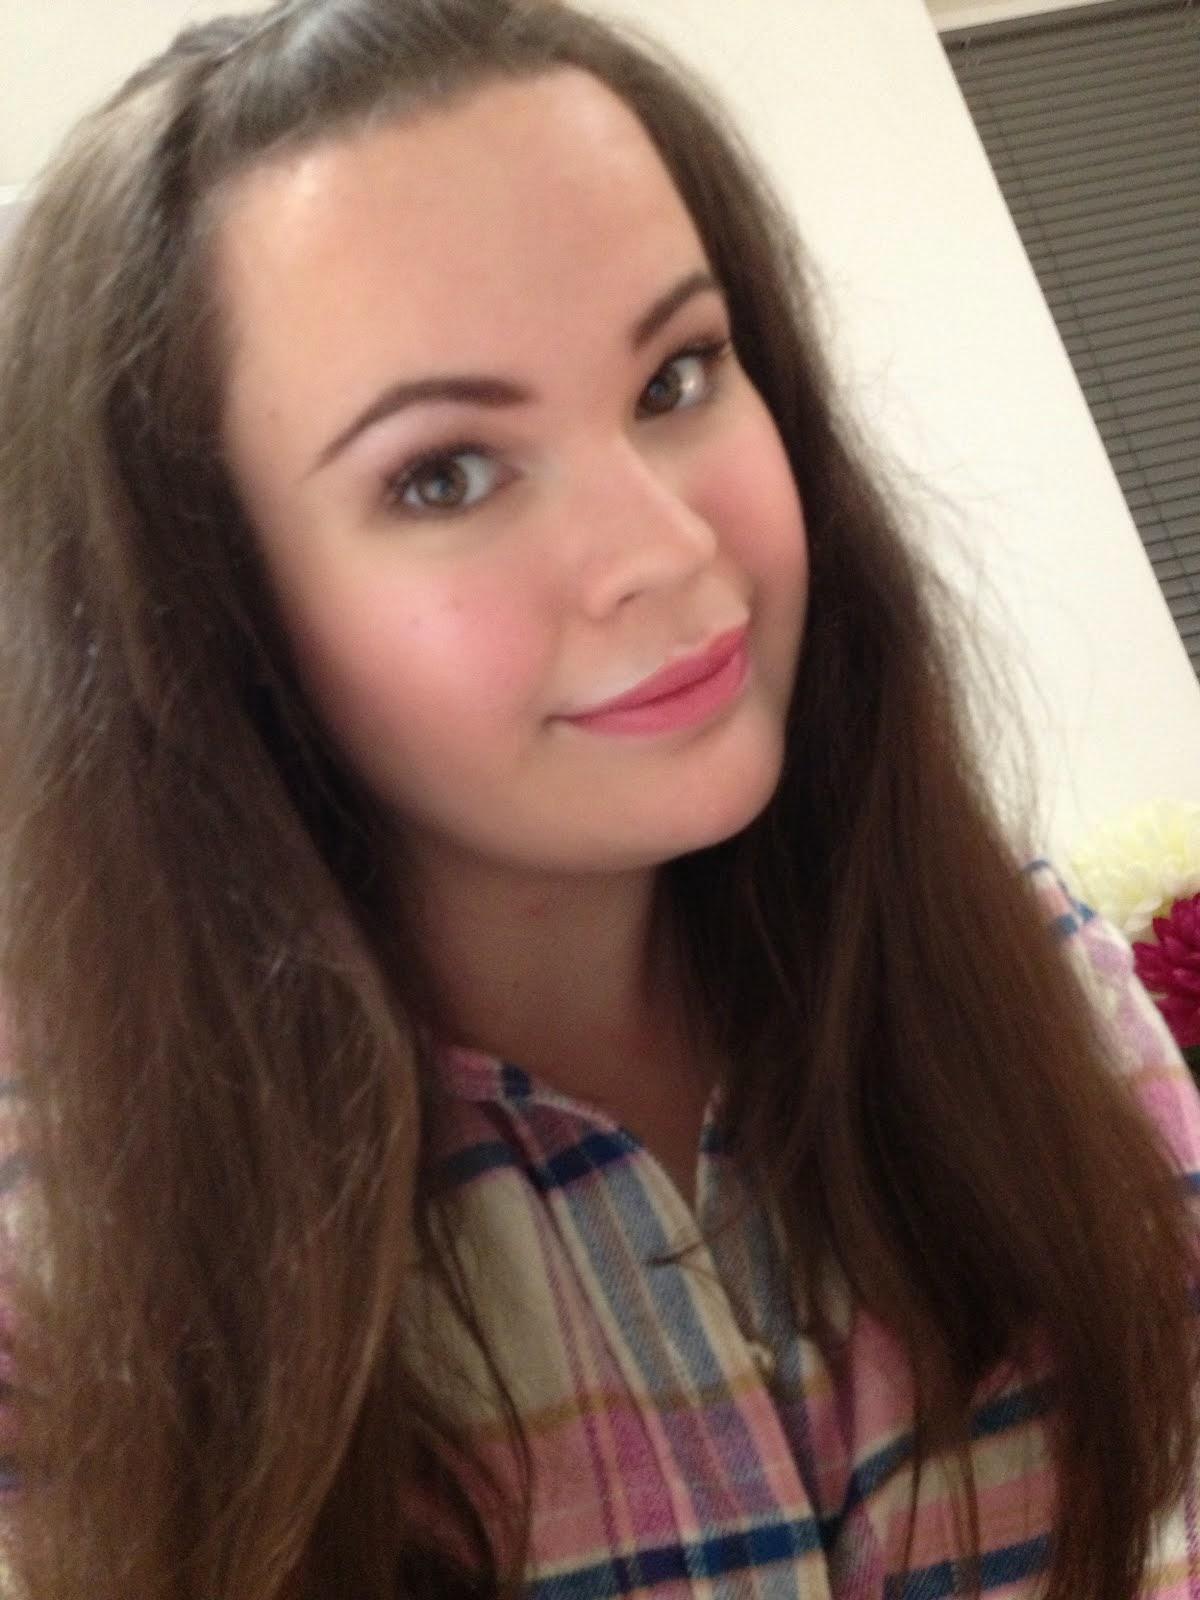 Annabelle, 24